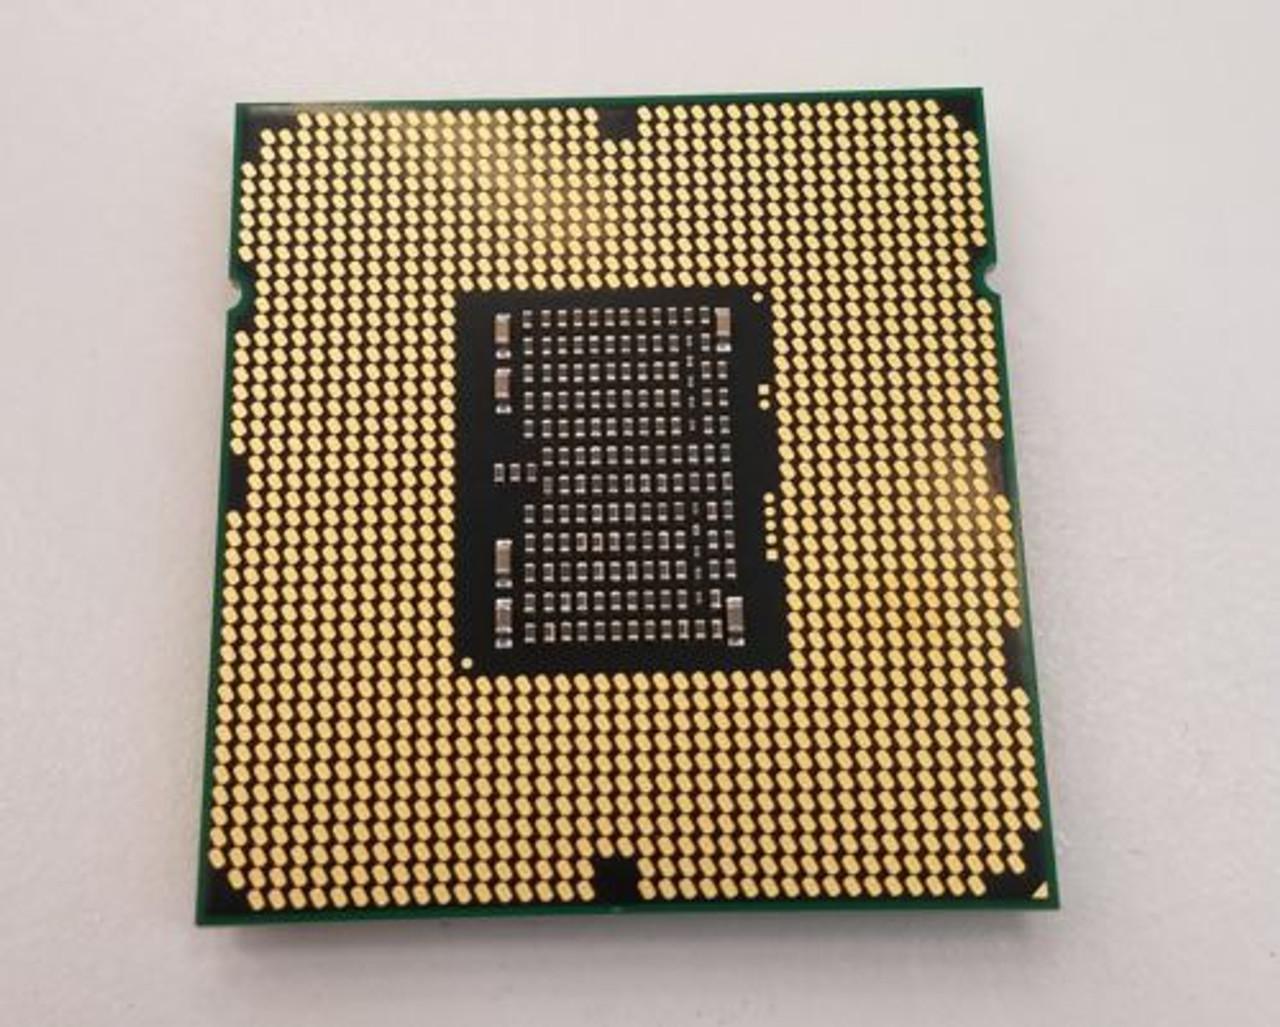 Intel SLBF3 X5570 2.93GHZ 8M Quad Core Processor